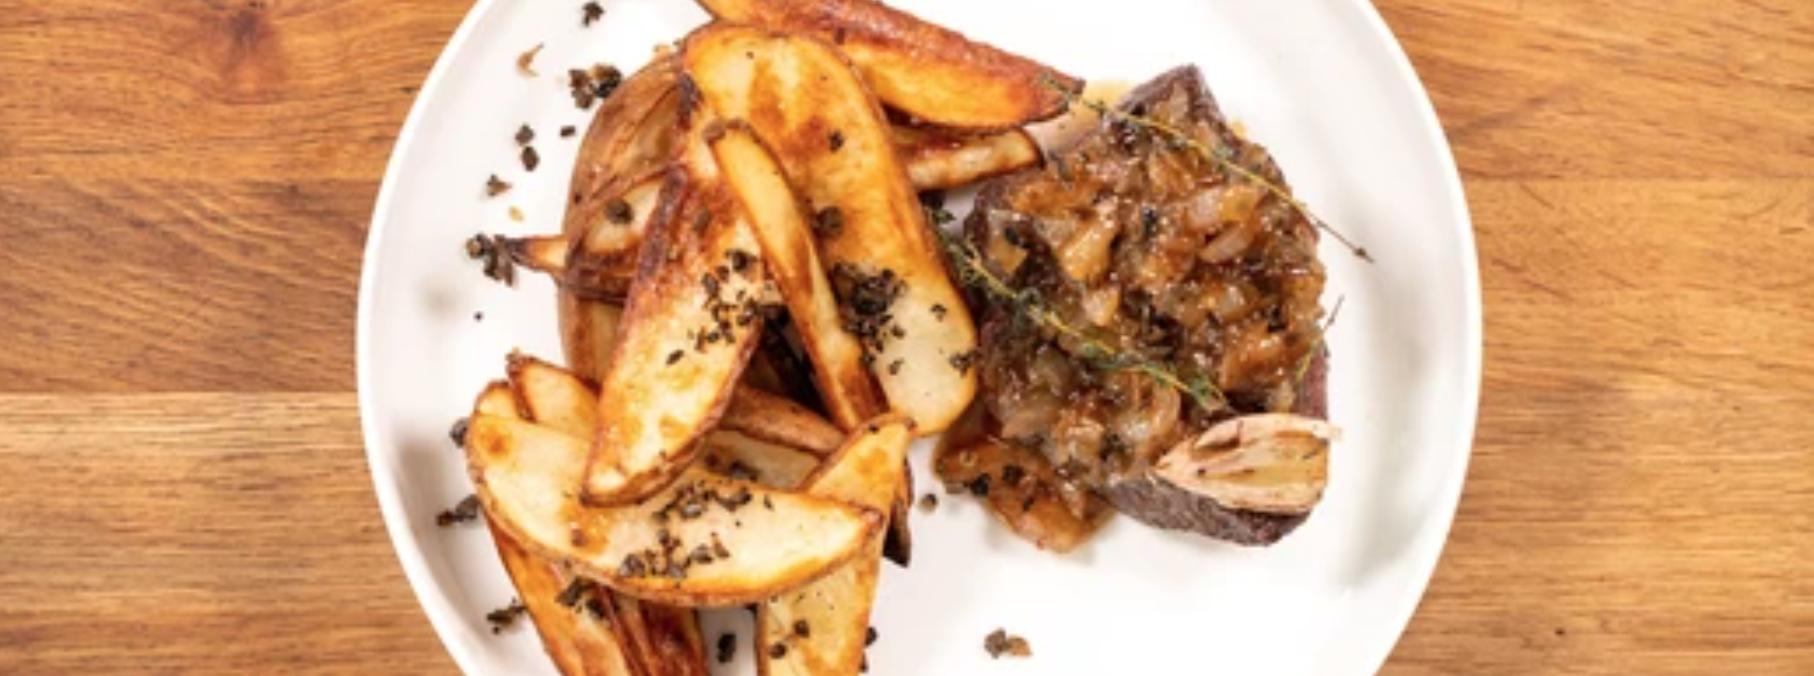 Image of Flat Iron Steak Frites with Truffle & Caramelized Onion Jam